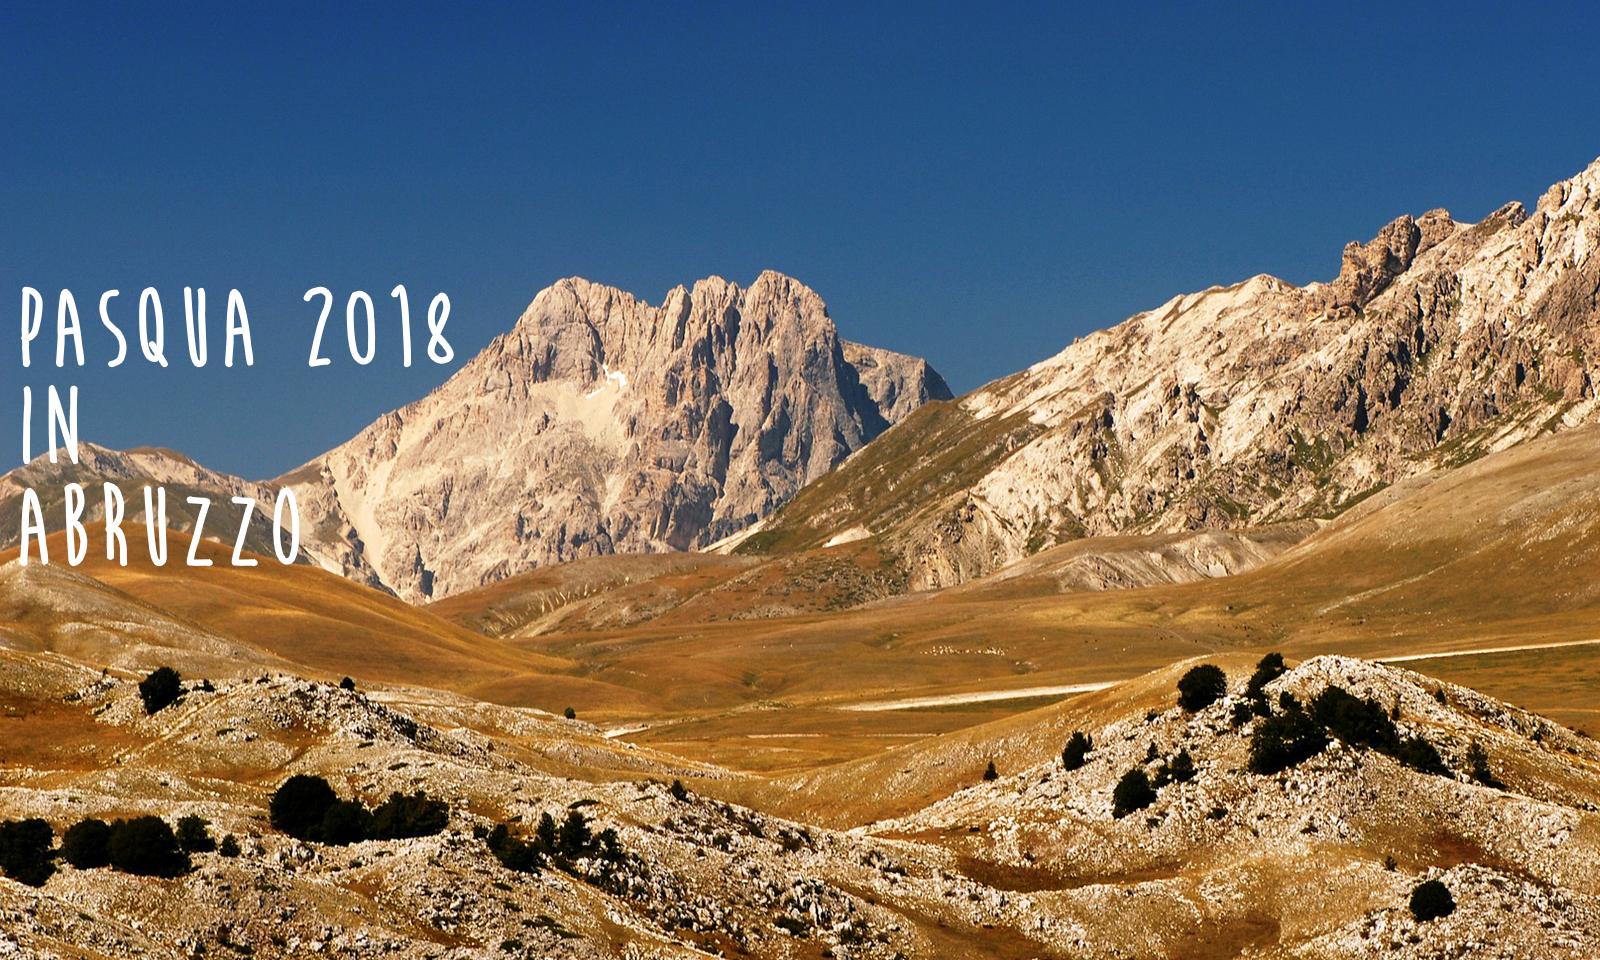 Pasqua 2018: evento in Abruzzo